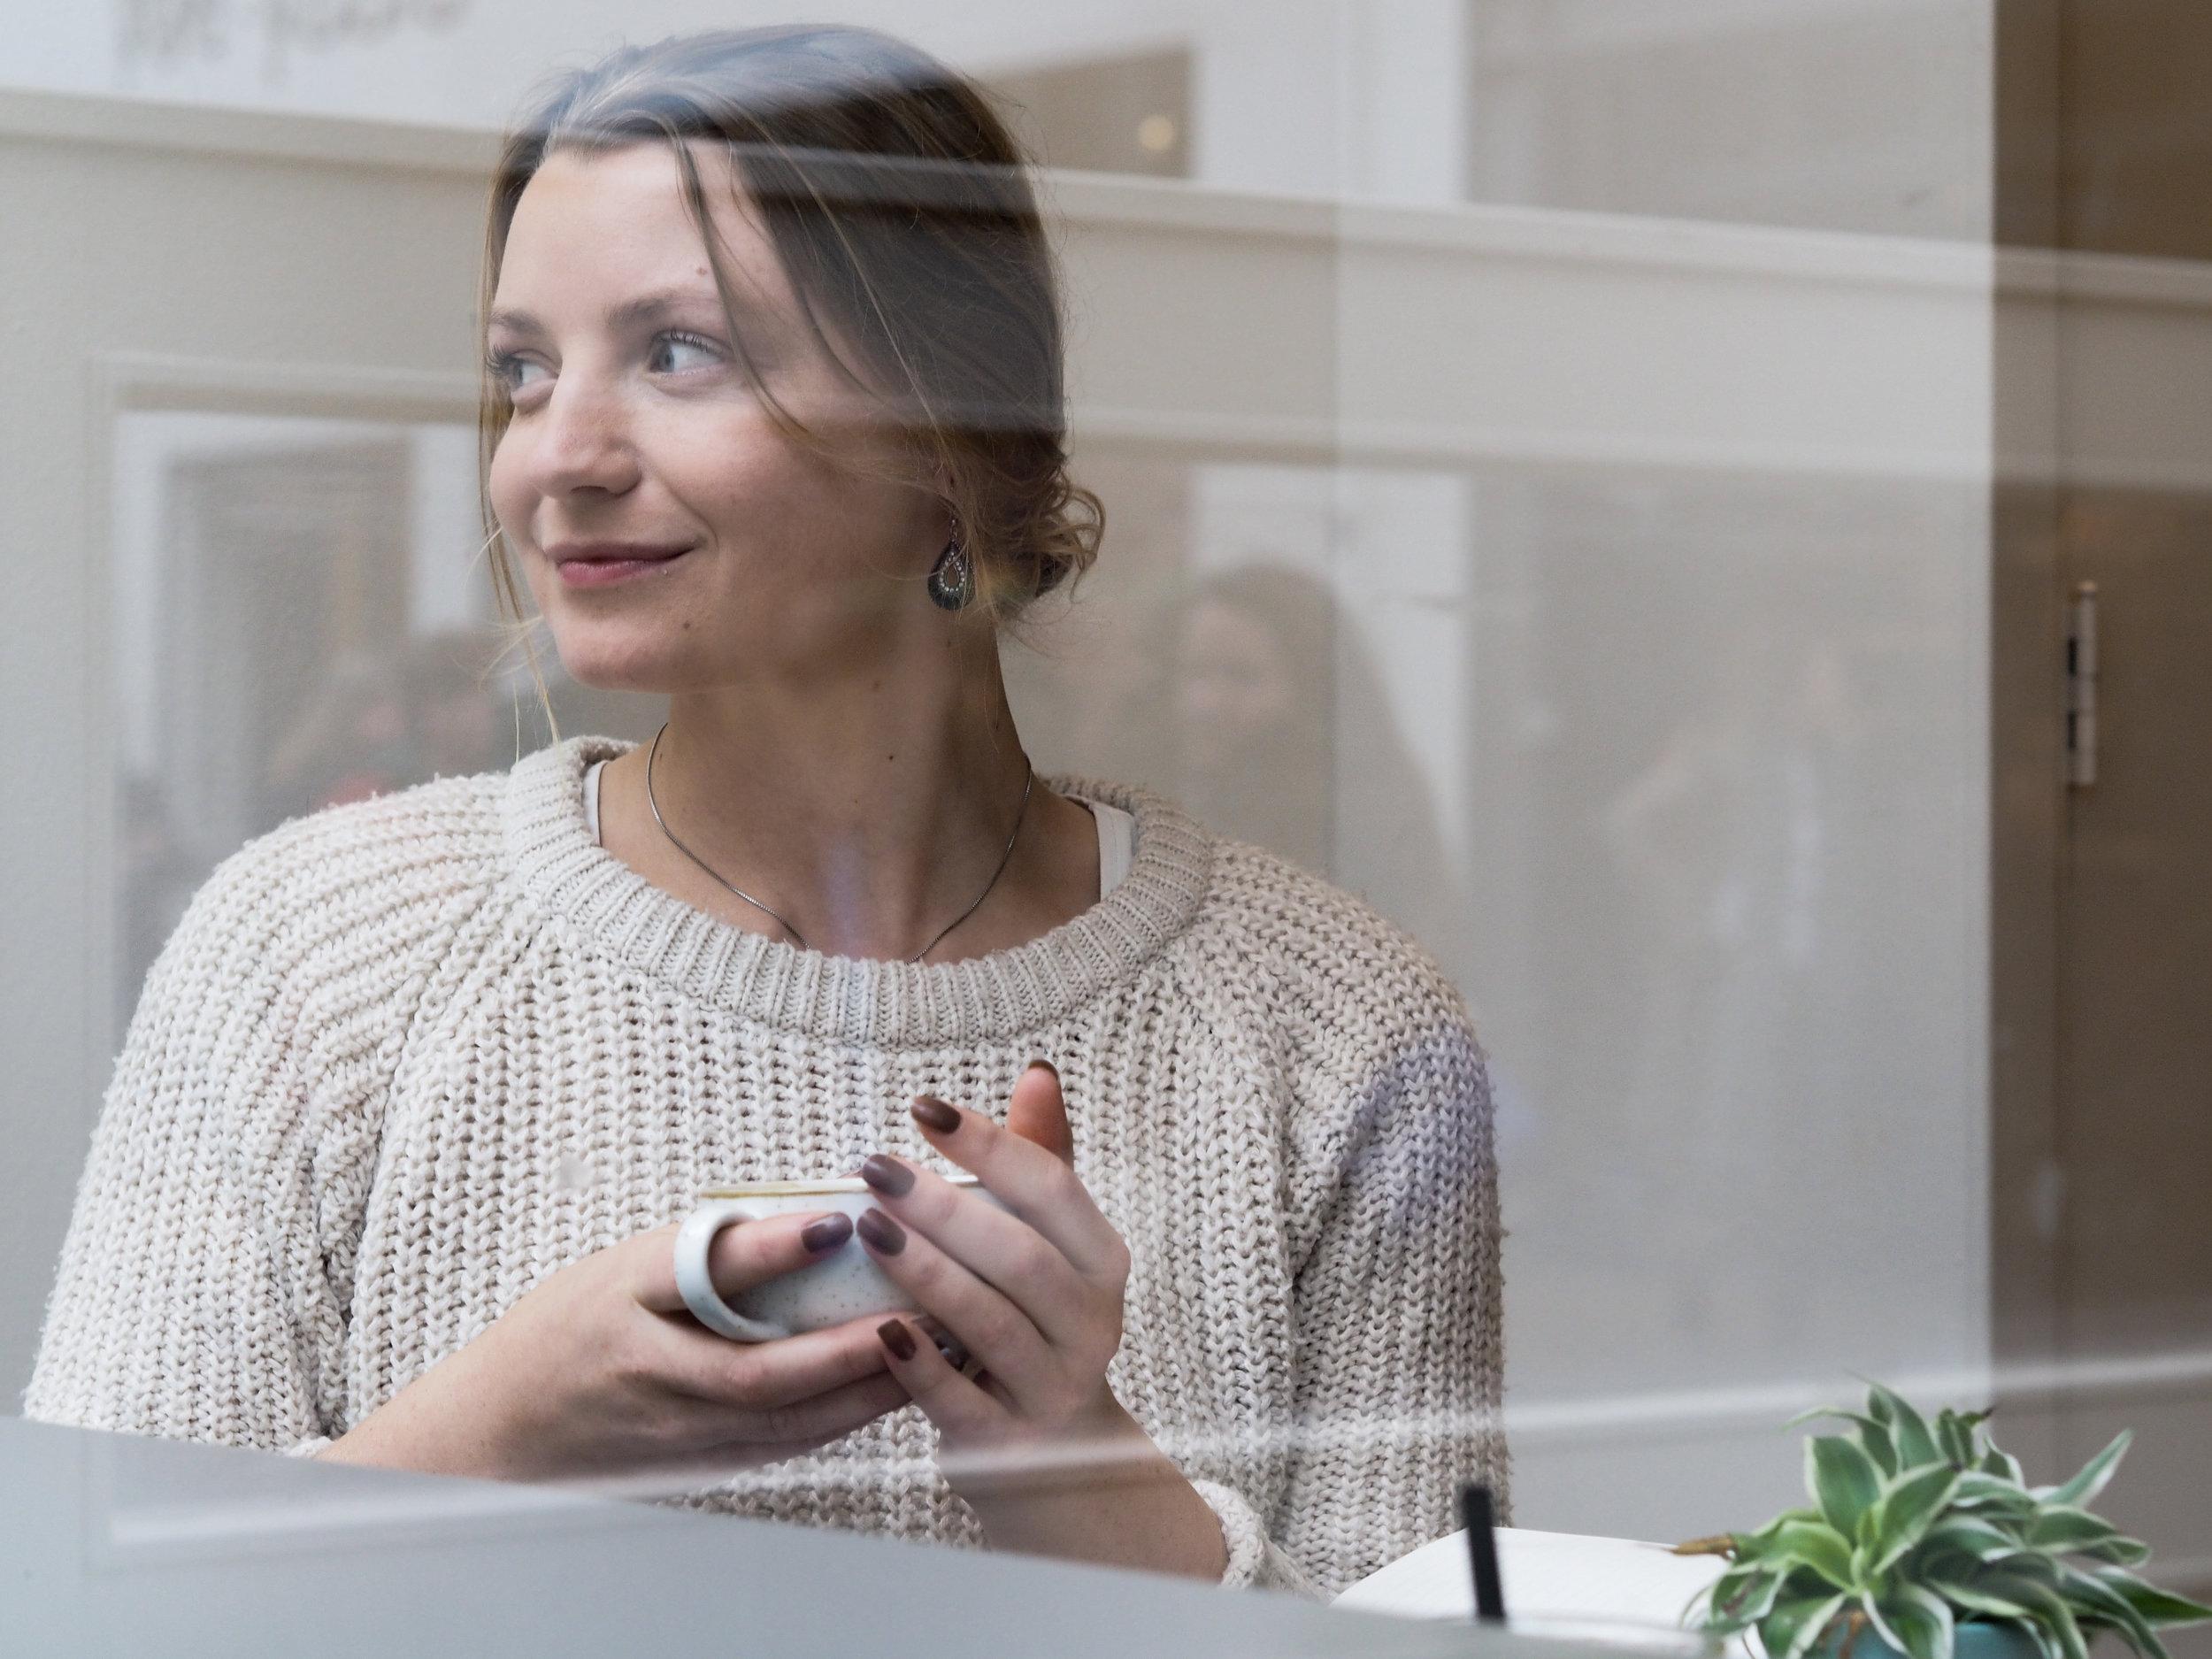 Rachel Hibma - Toegepaste Psycholoog, Orthomoleculaire Voedingscoach en oprichtster Food Your Thought.  Lees hier 5 feiten over mij .